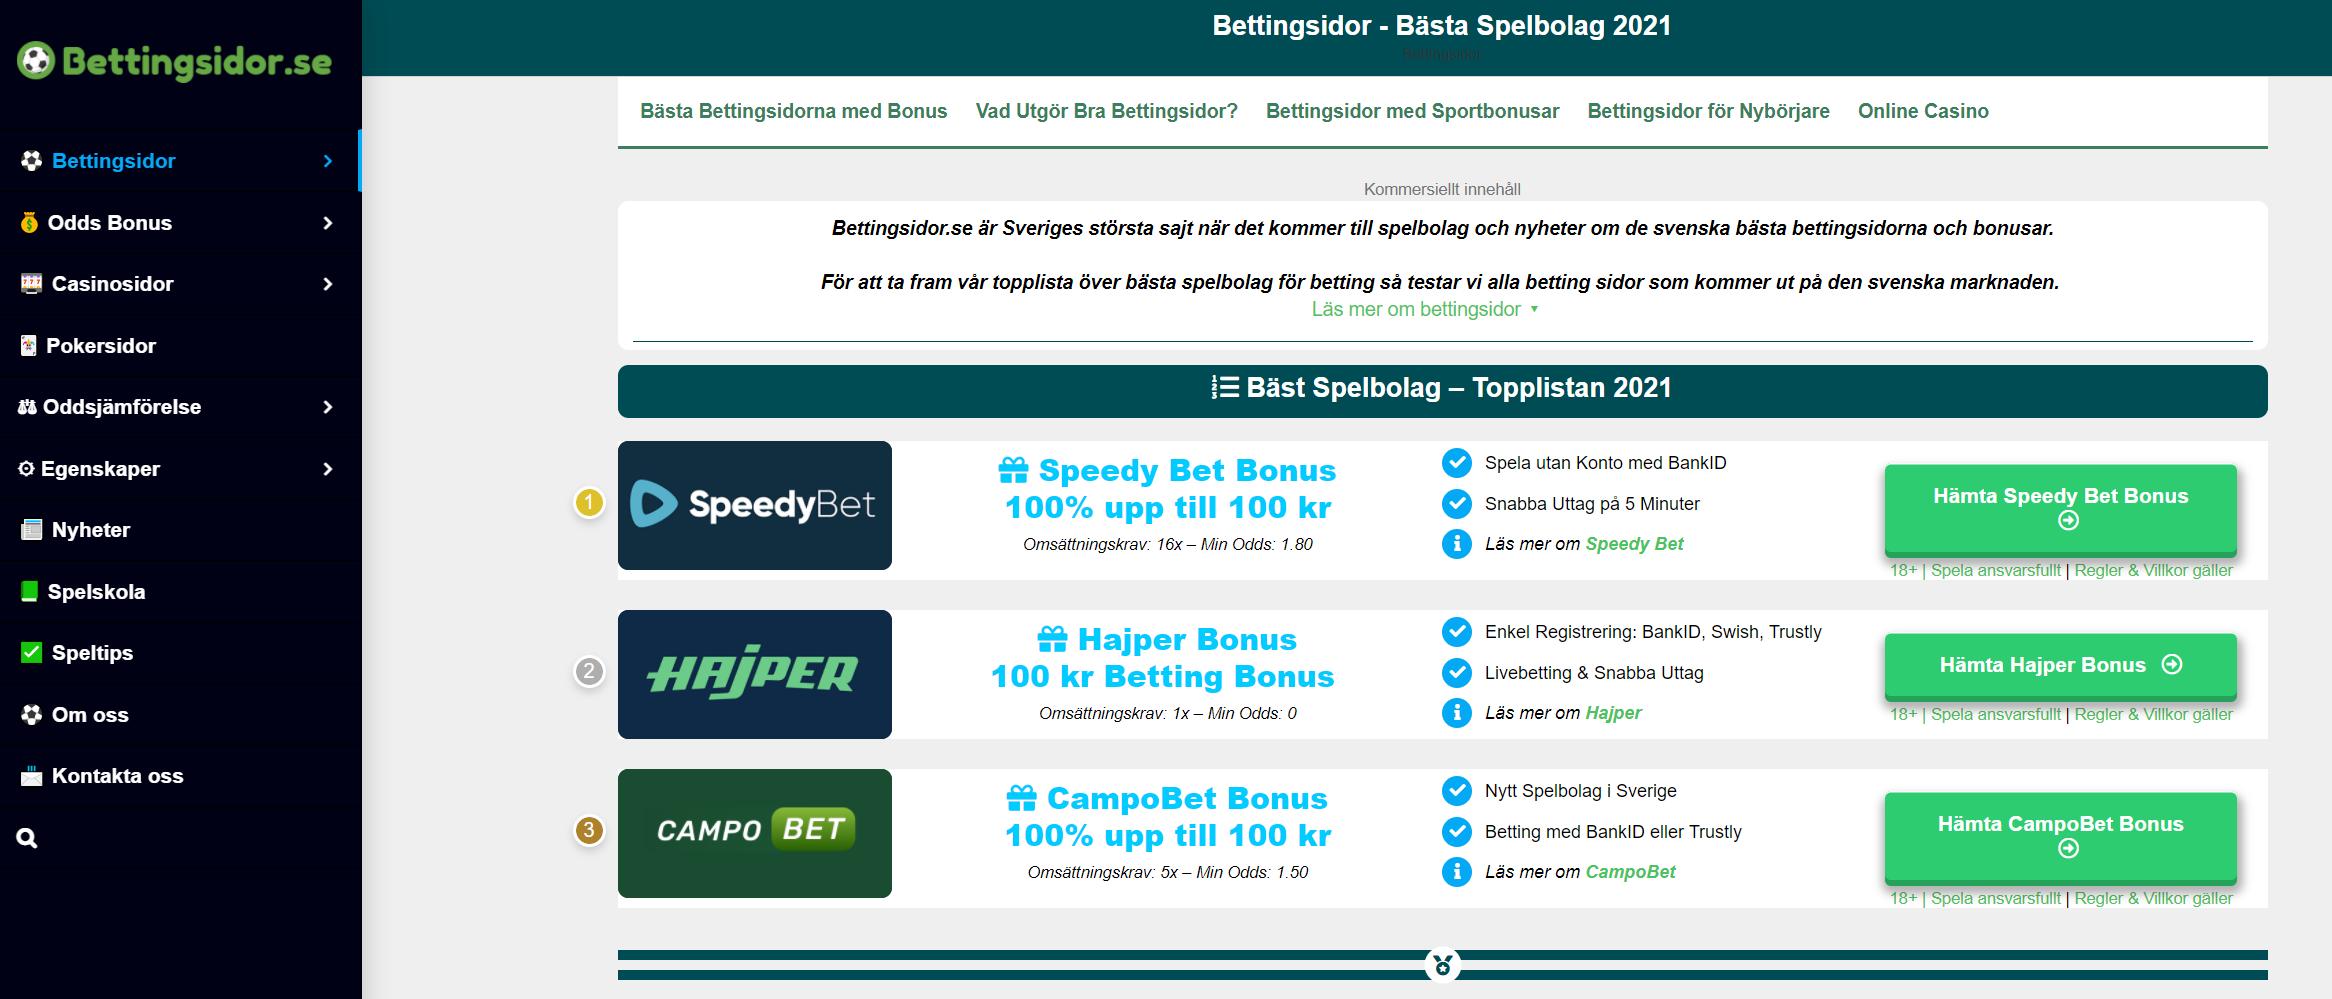 Bettingbolag 2021 148658